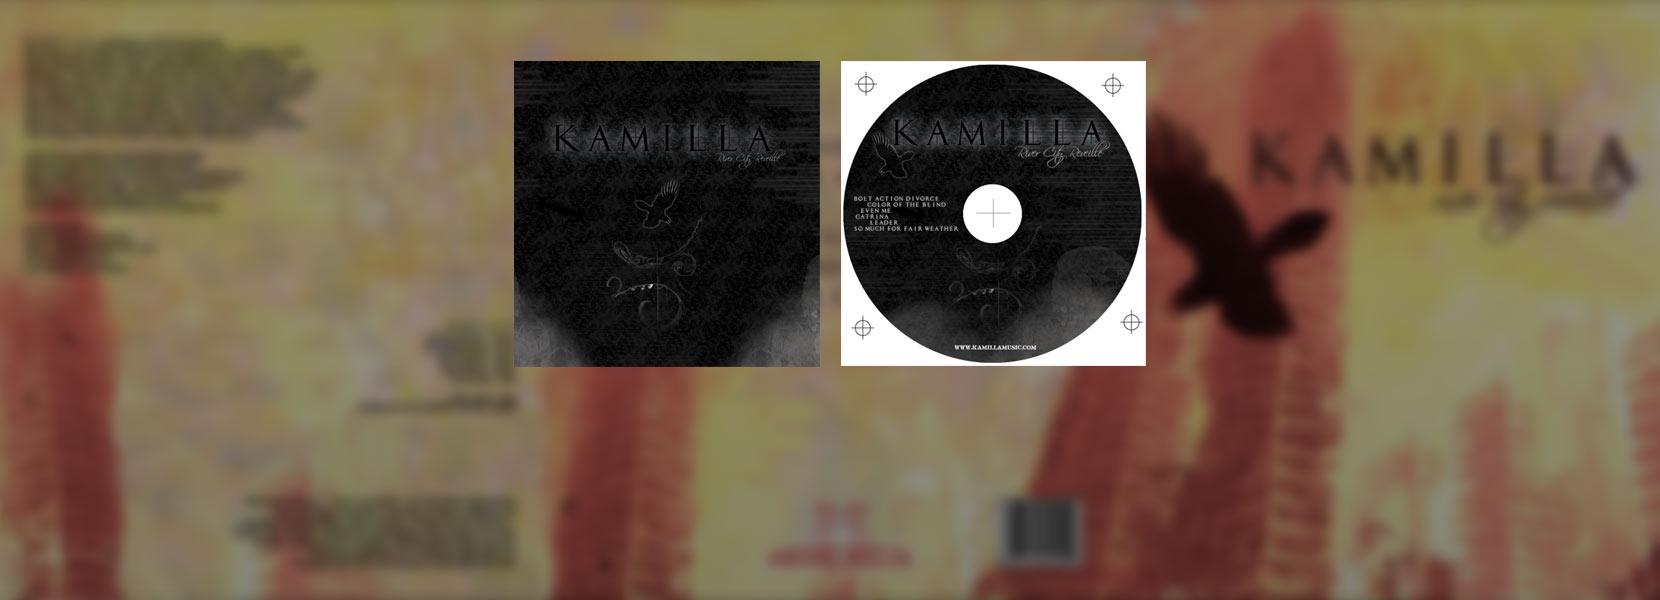 http://kamillamusic.com/wp-content/uploads/2014/11/River-City-Reveille-Outside2.jpg